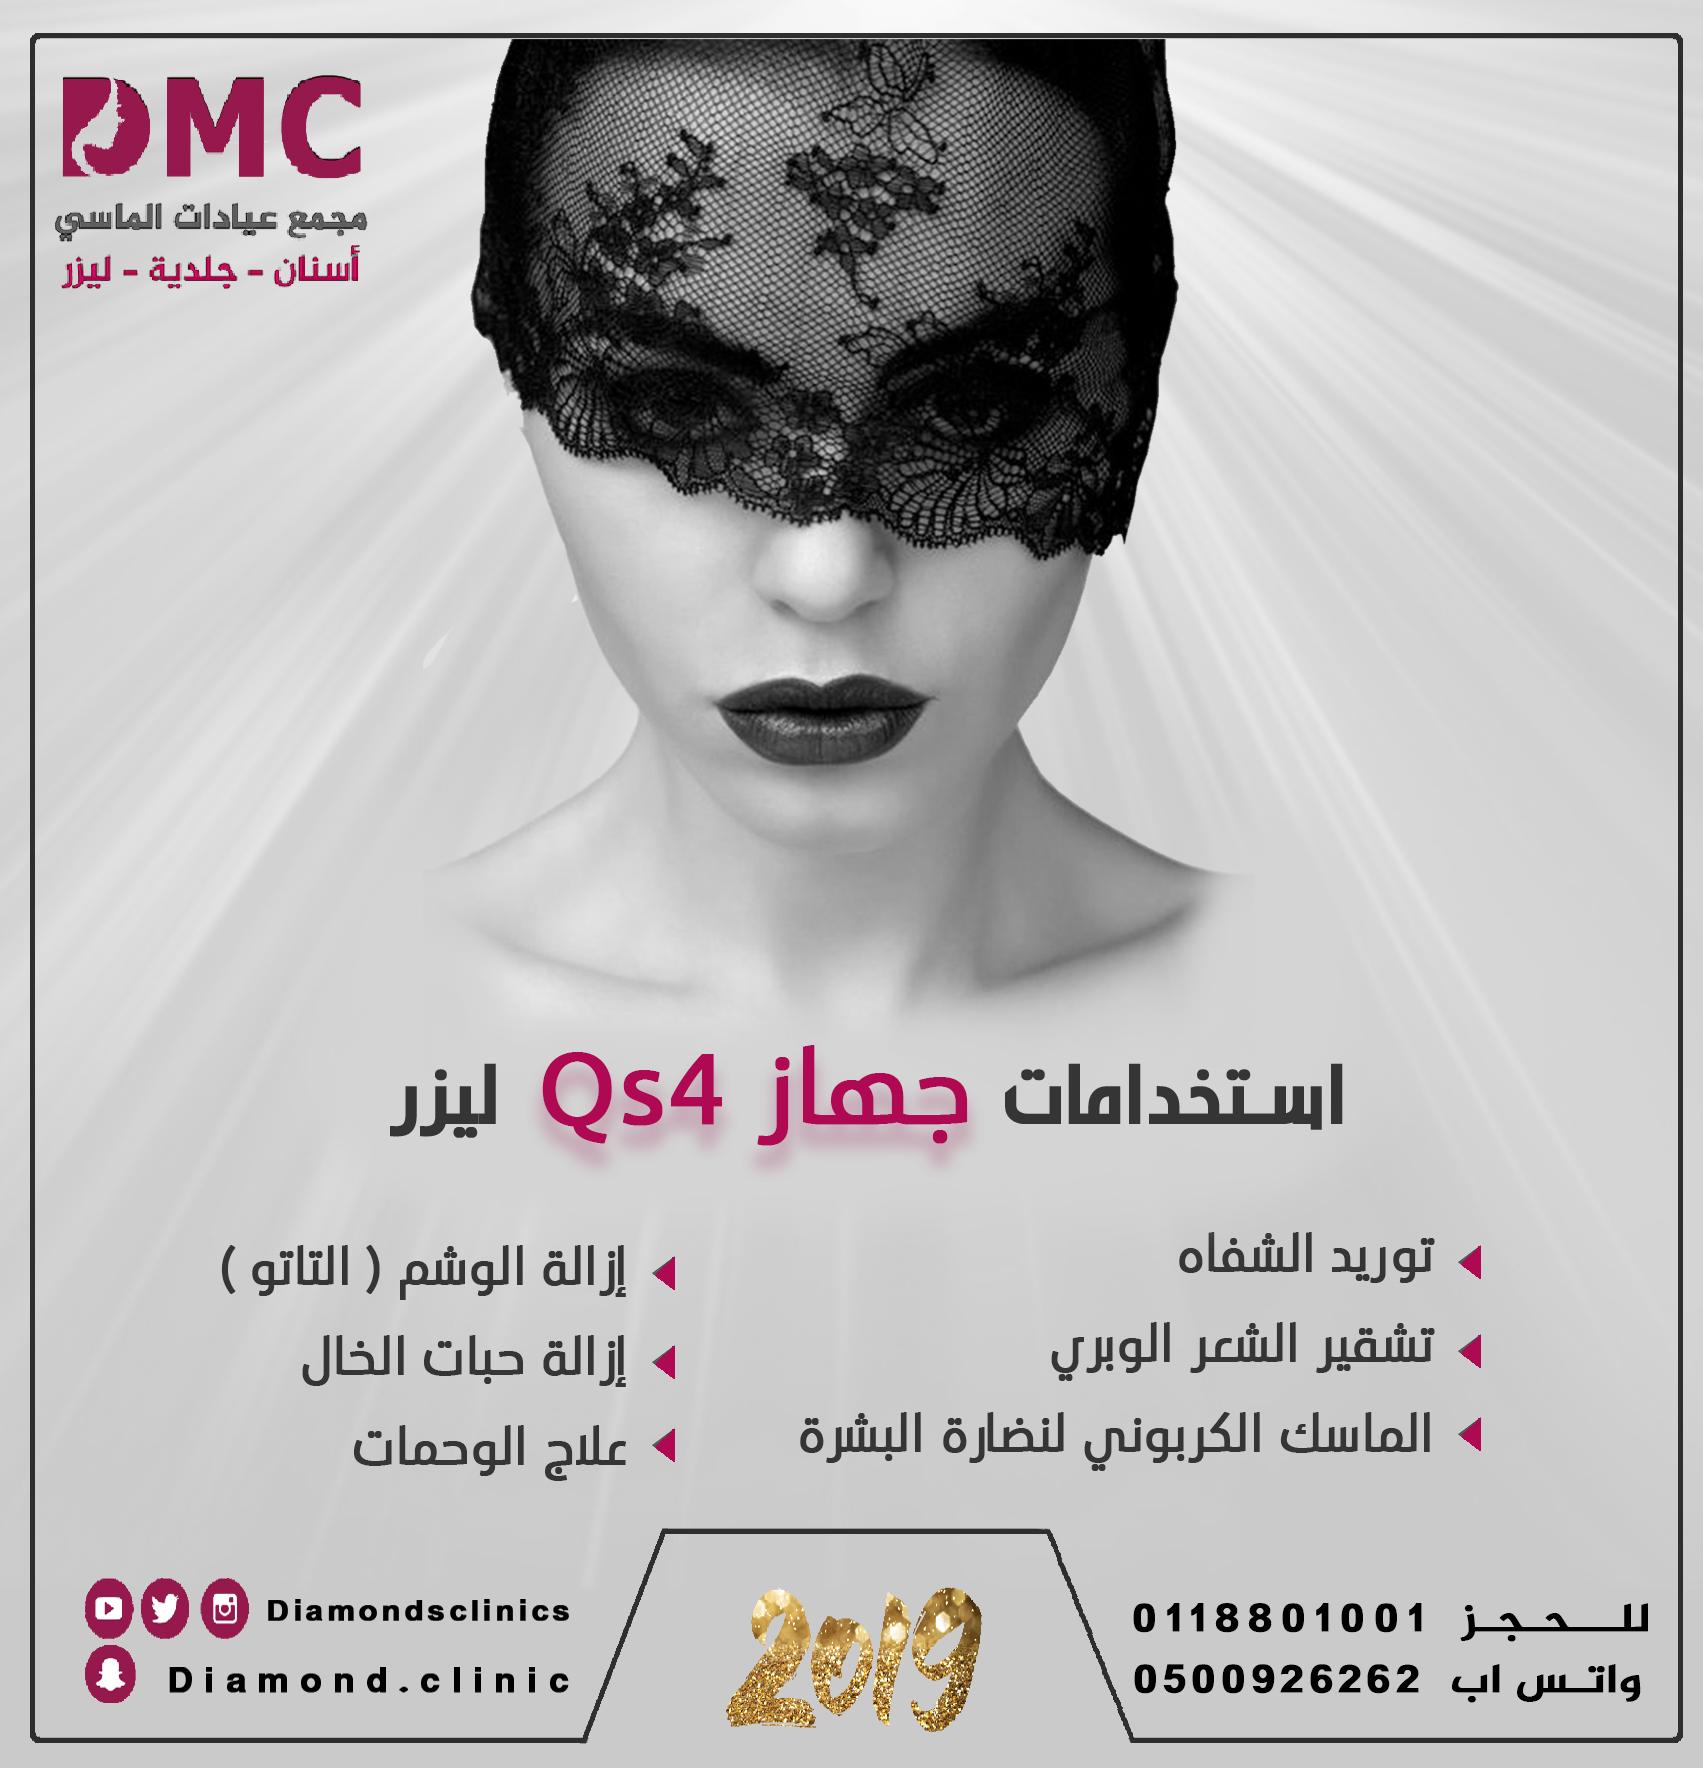 استخدمات جهاز الليزر Qs4 توريد و تفتيح الشفاه تشقير الشعر الوبري الماسك الكربوني لنضارة البشرة ازالة Sleep Eye Mask Person Omc